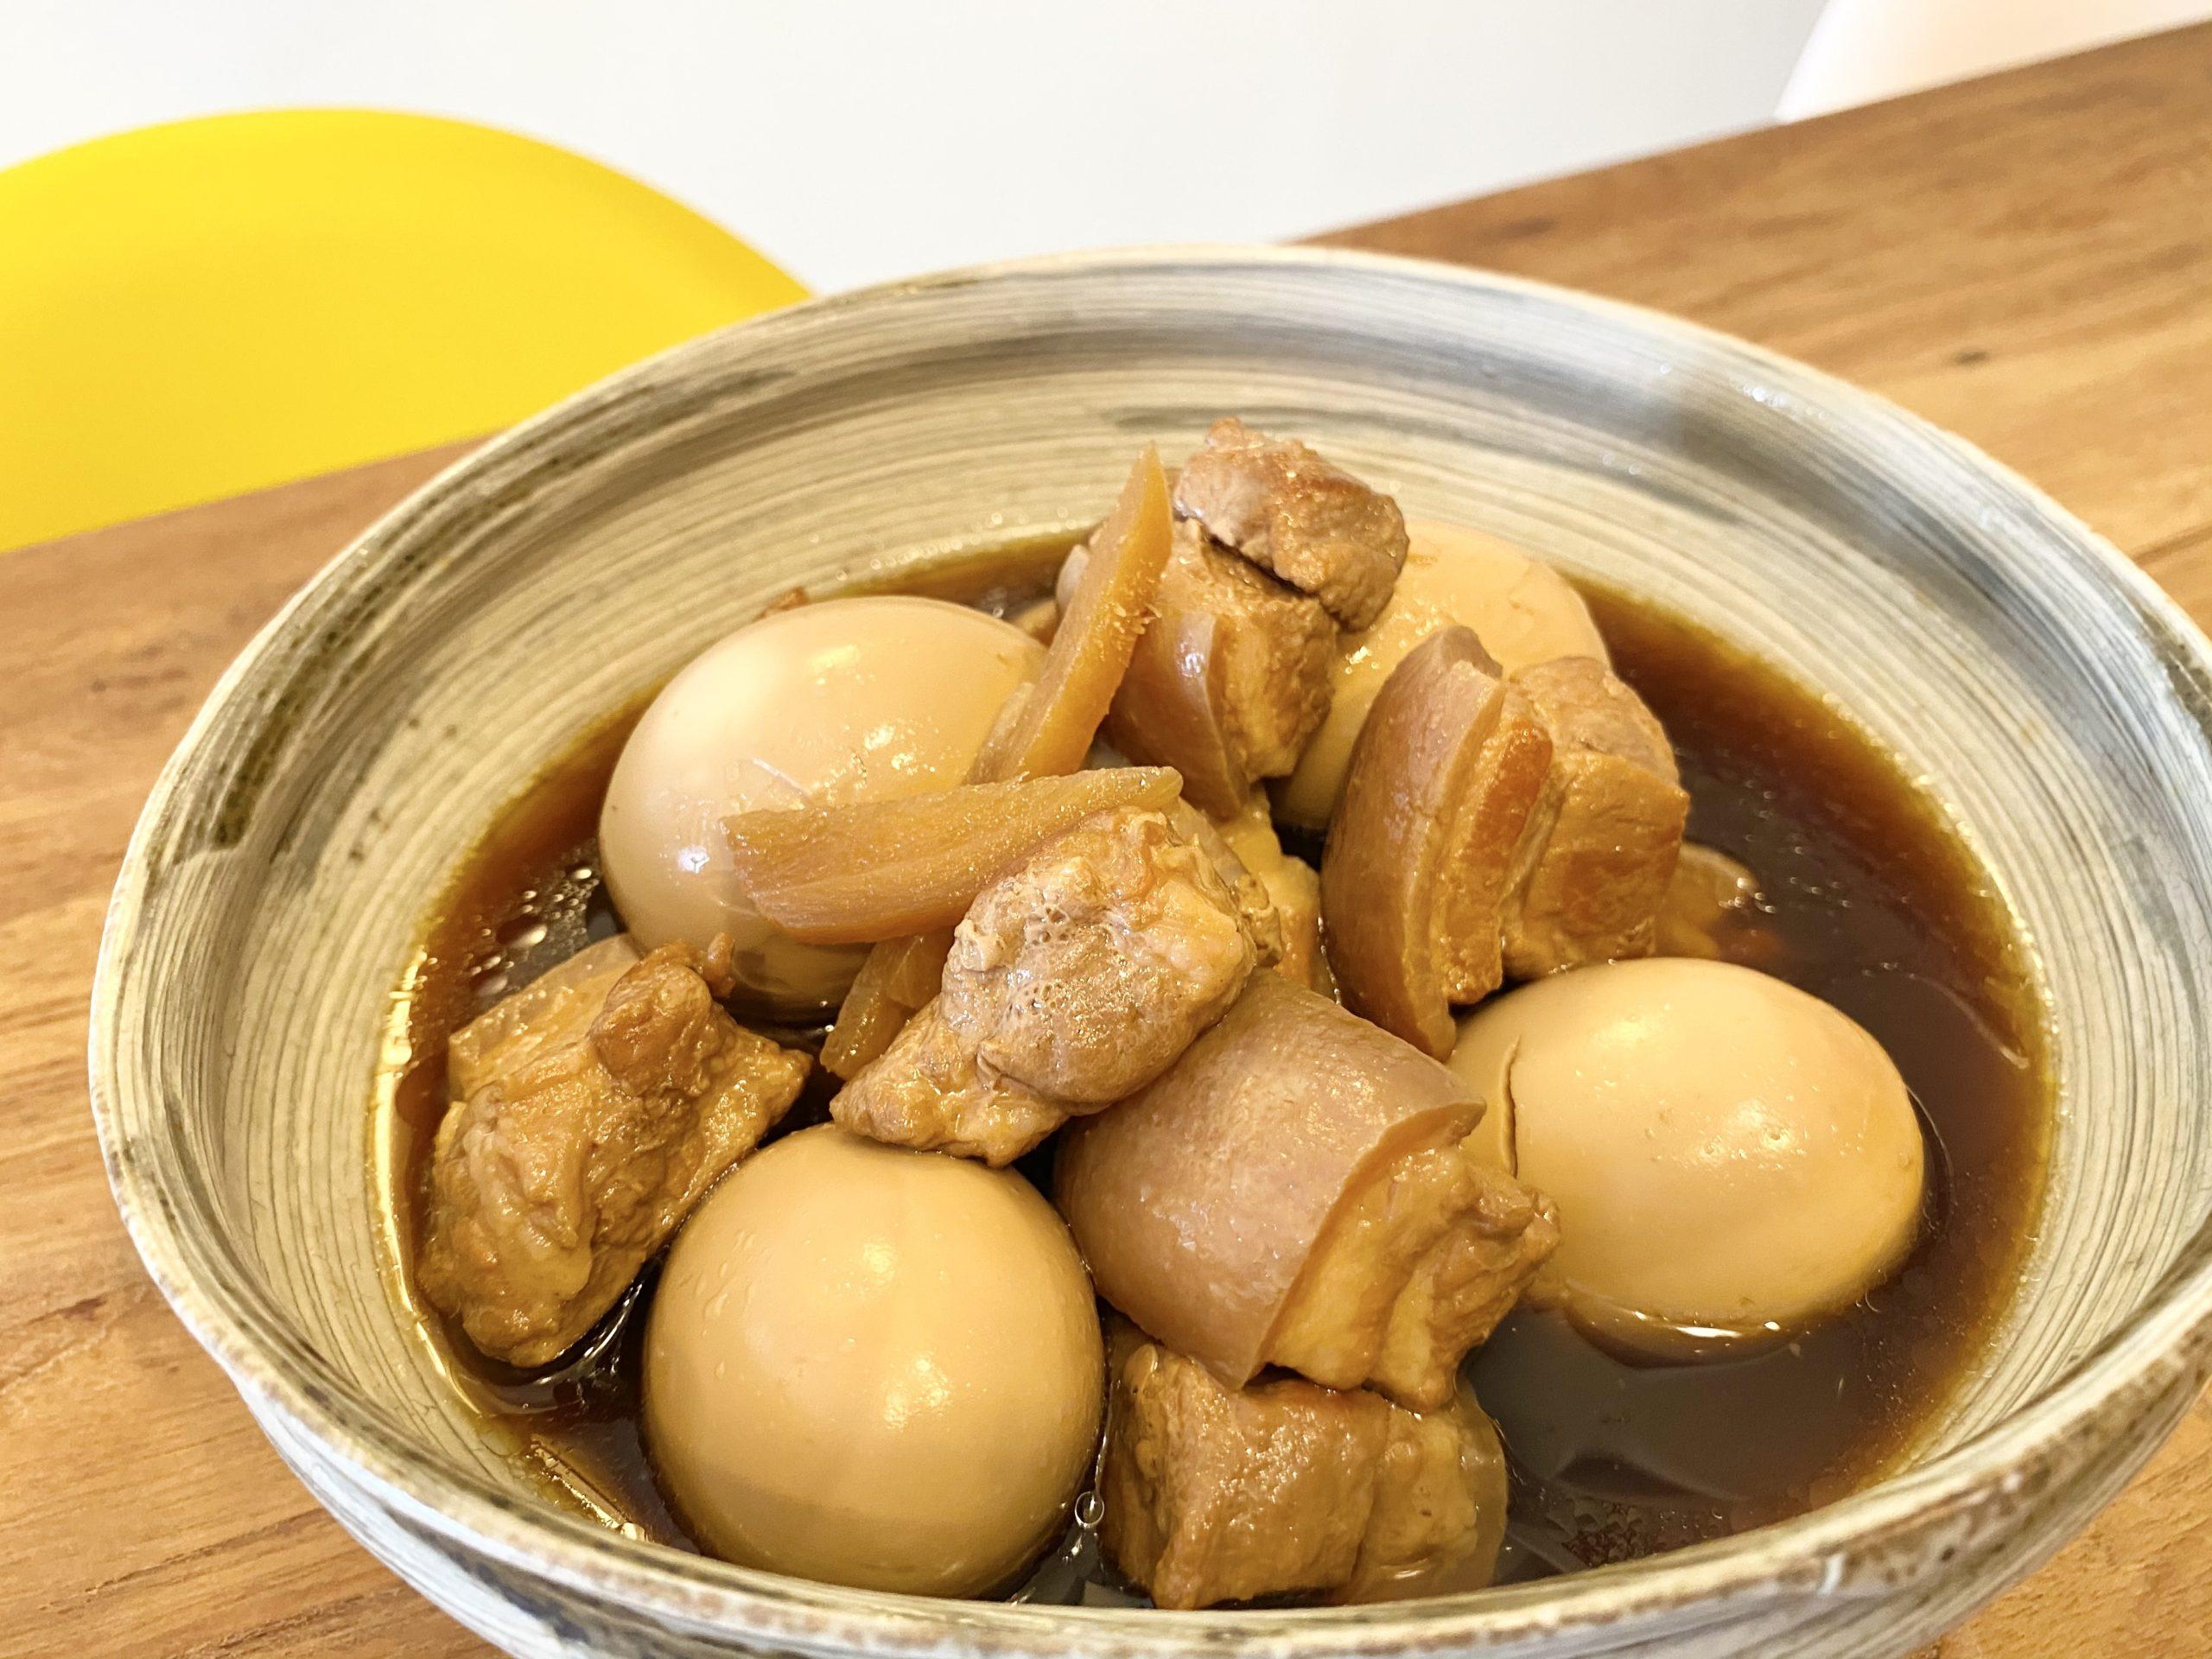 炊飯器でほったらかし調理!「やわらか~い豚の角煮と煮卵」のレシピ